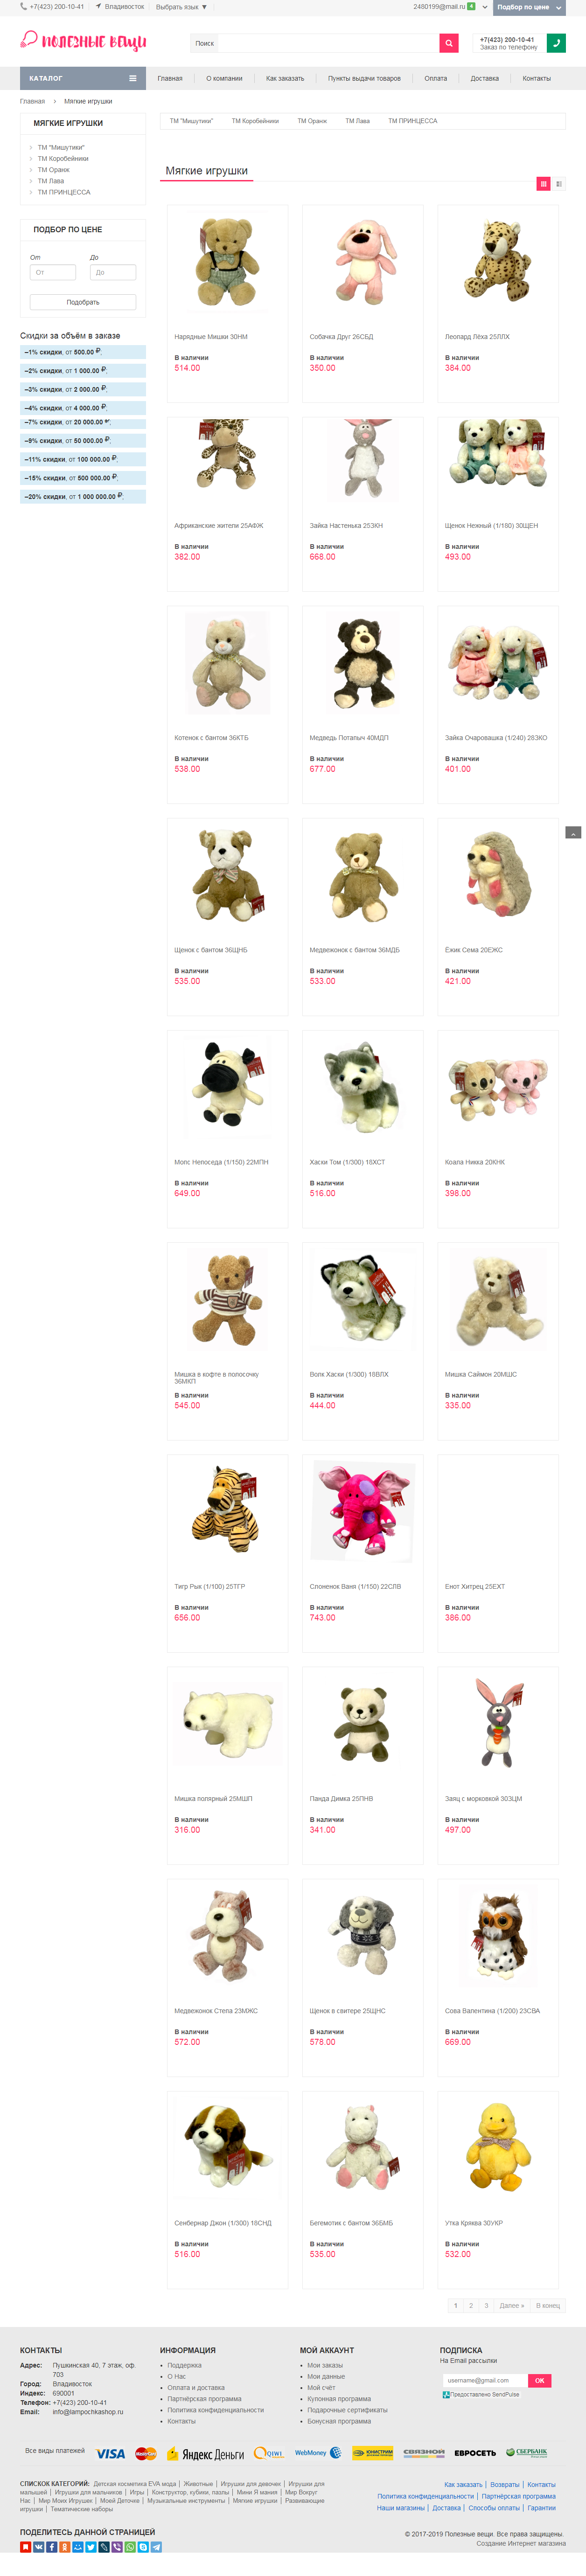 Скриншот страницы категории товаров